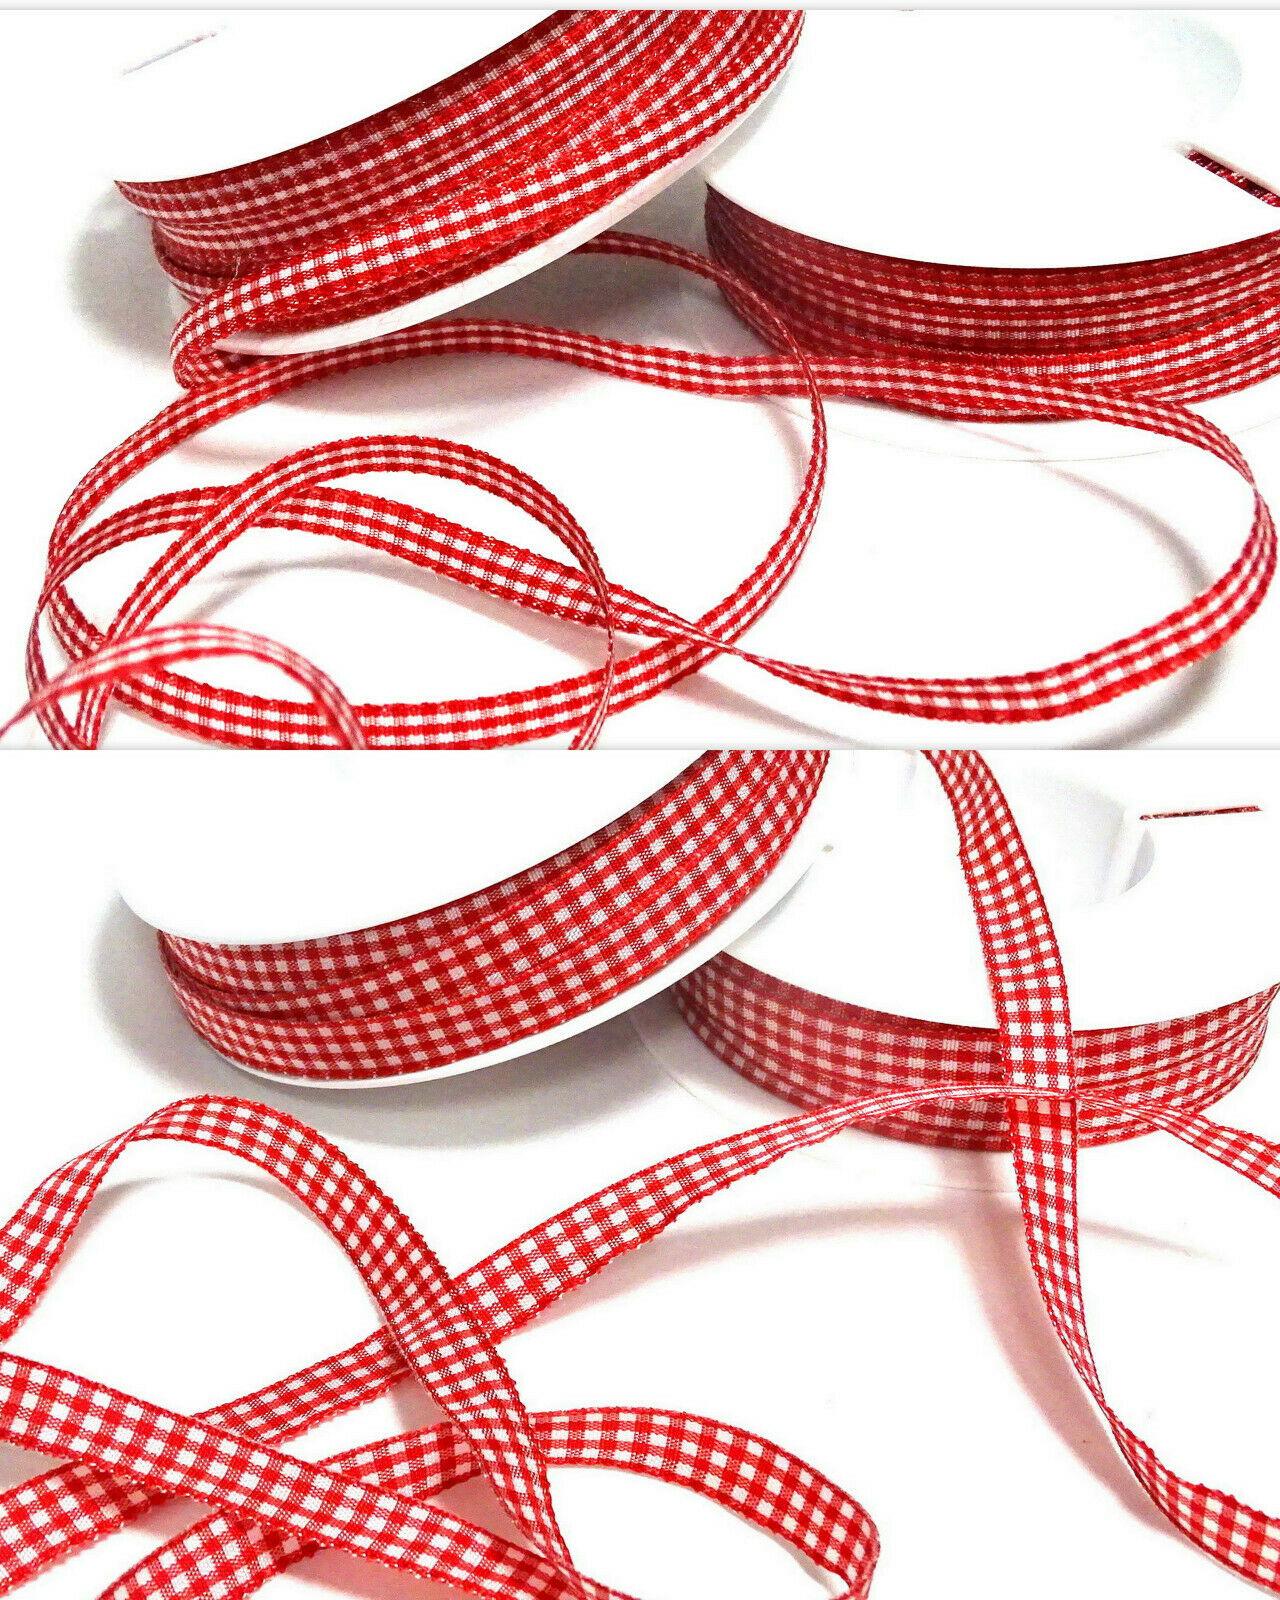 Karoband Schleifenband 50 m x 6mm / 10mm Vichy Dekoband ab 0,18€/m Geschenkband - Rot – Weiß 0123, 10 mm x 50 m